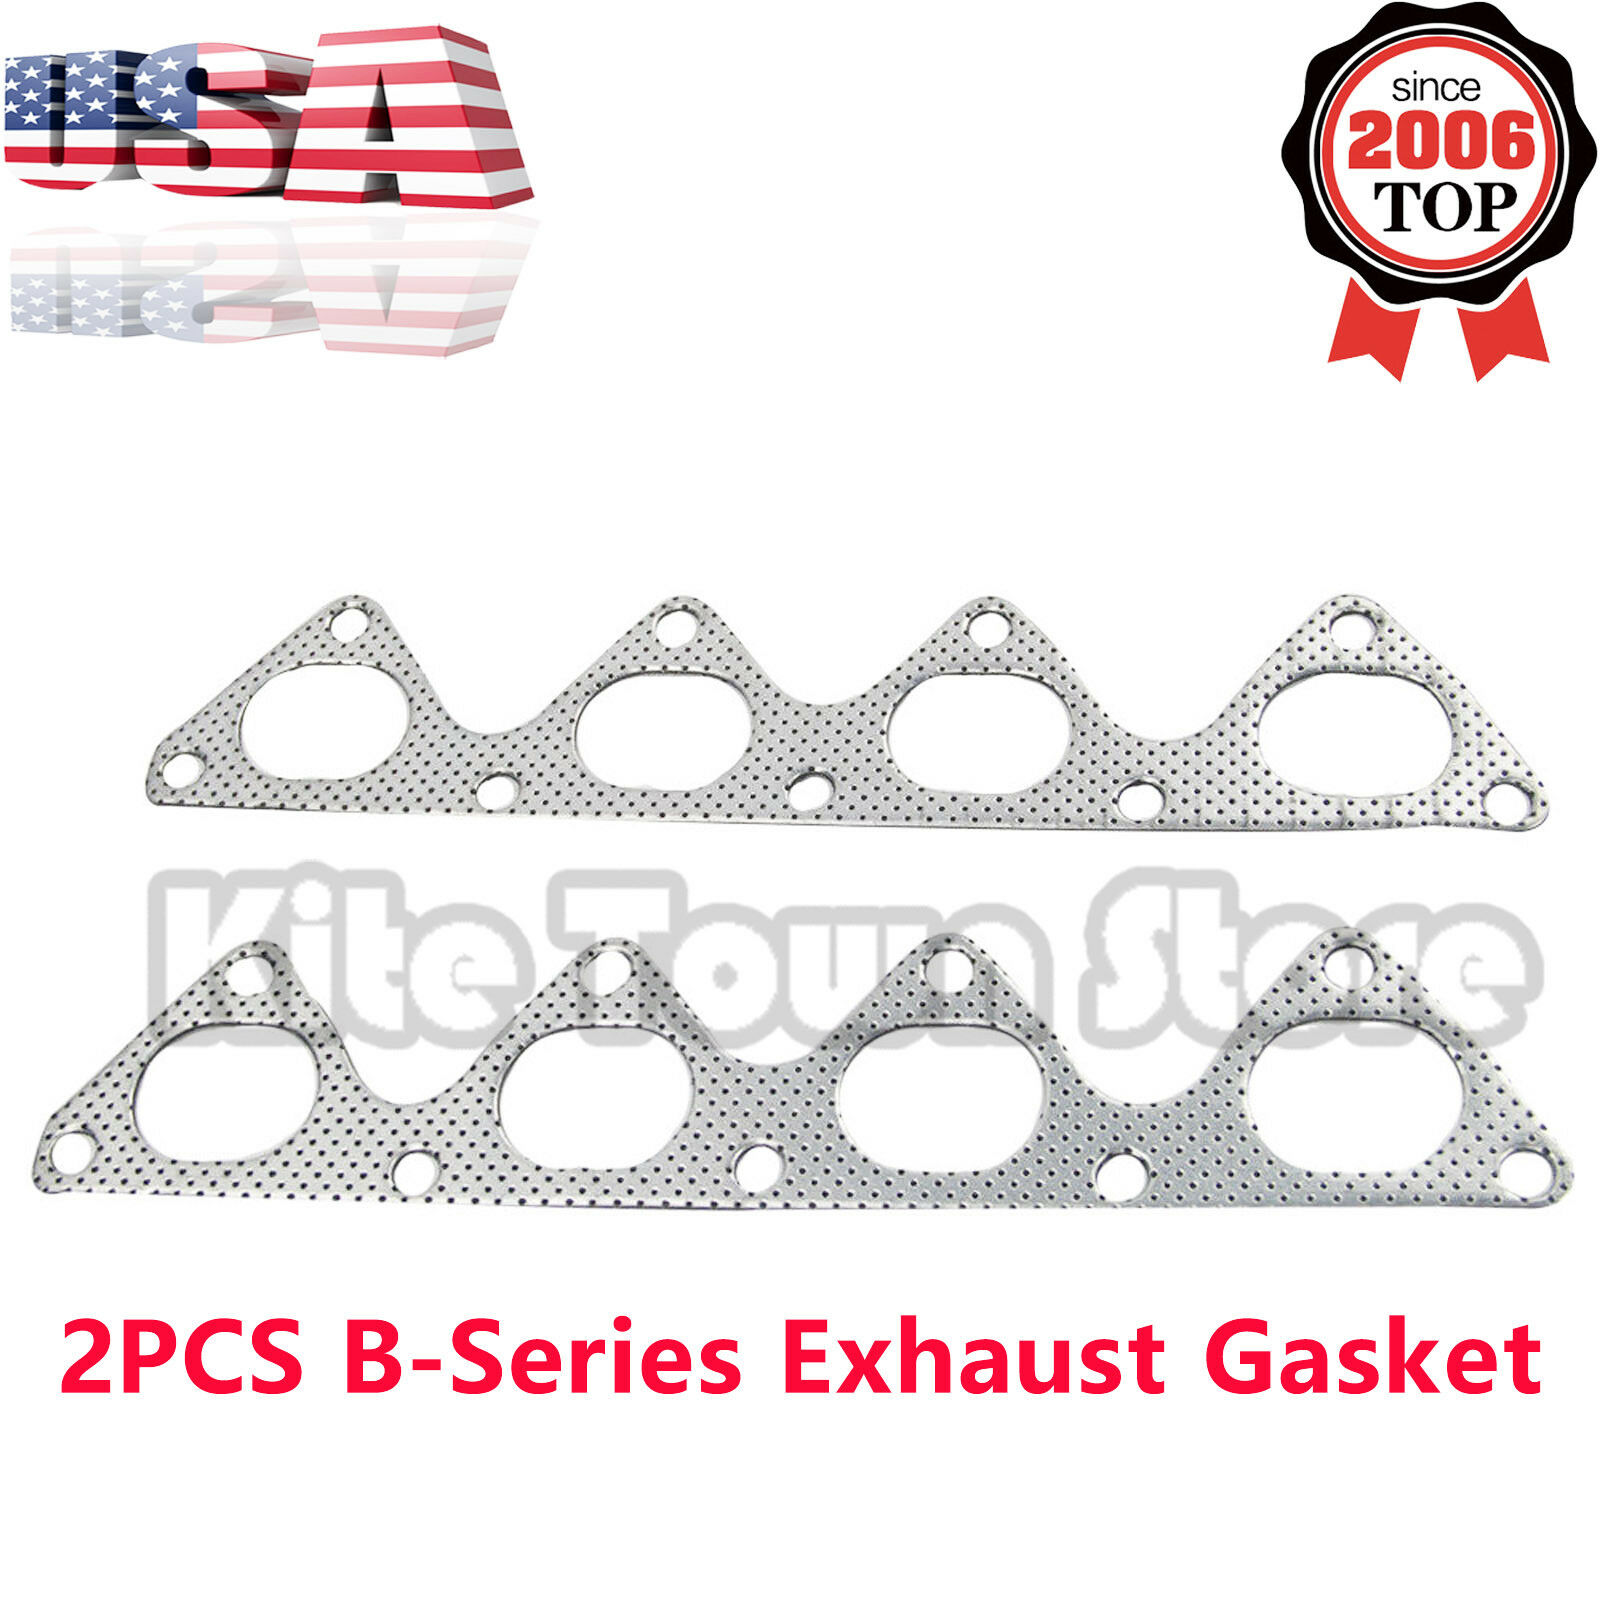 2PCS Exhaust Header Manifold Graphite Gasket For Honda B-Series B16A2 B16B B18C